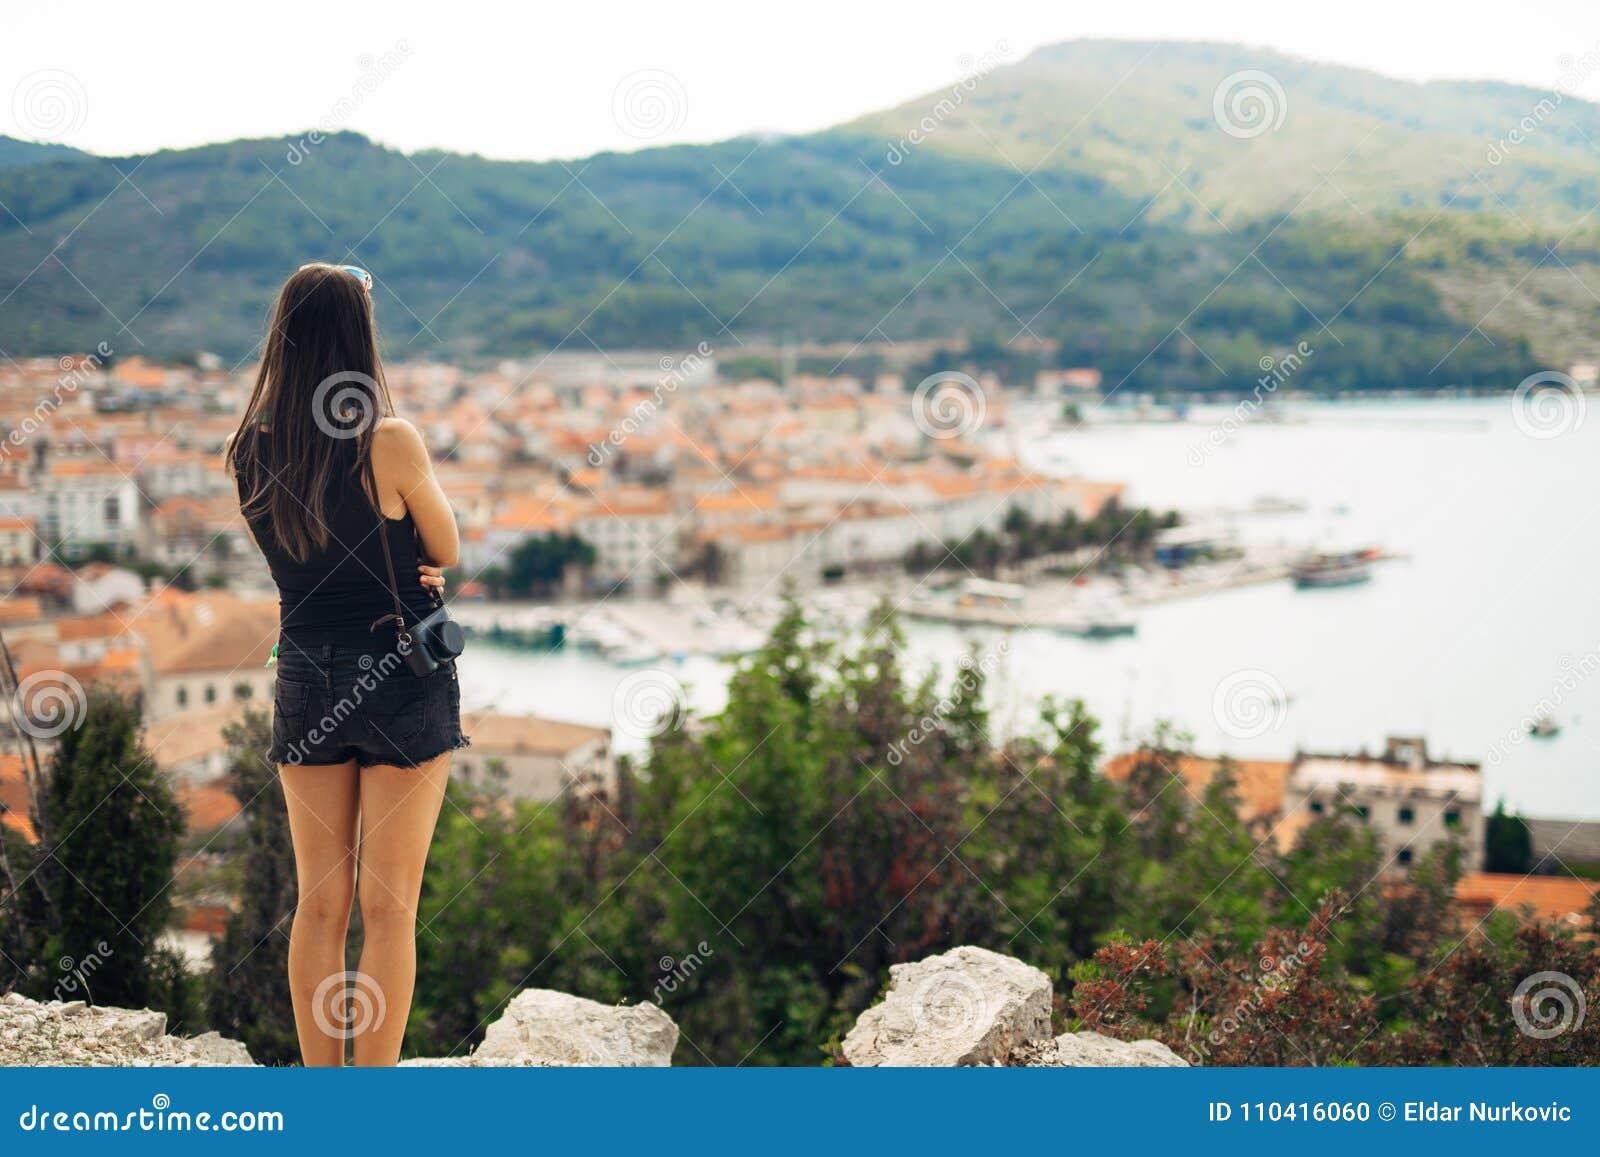 Jeune femme de sourire voyageant et visitant l Europe Été voyageant l Europe et la culture méditerranéenne Rues colorées, vieille